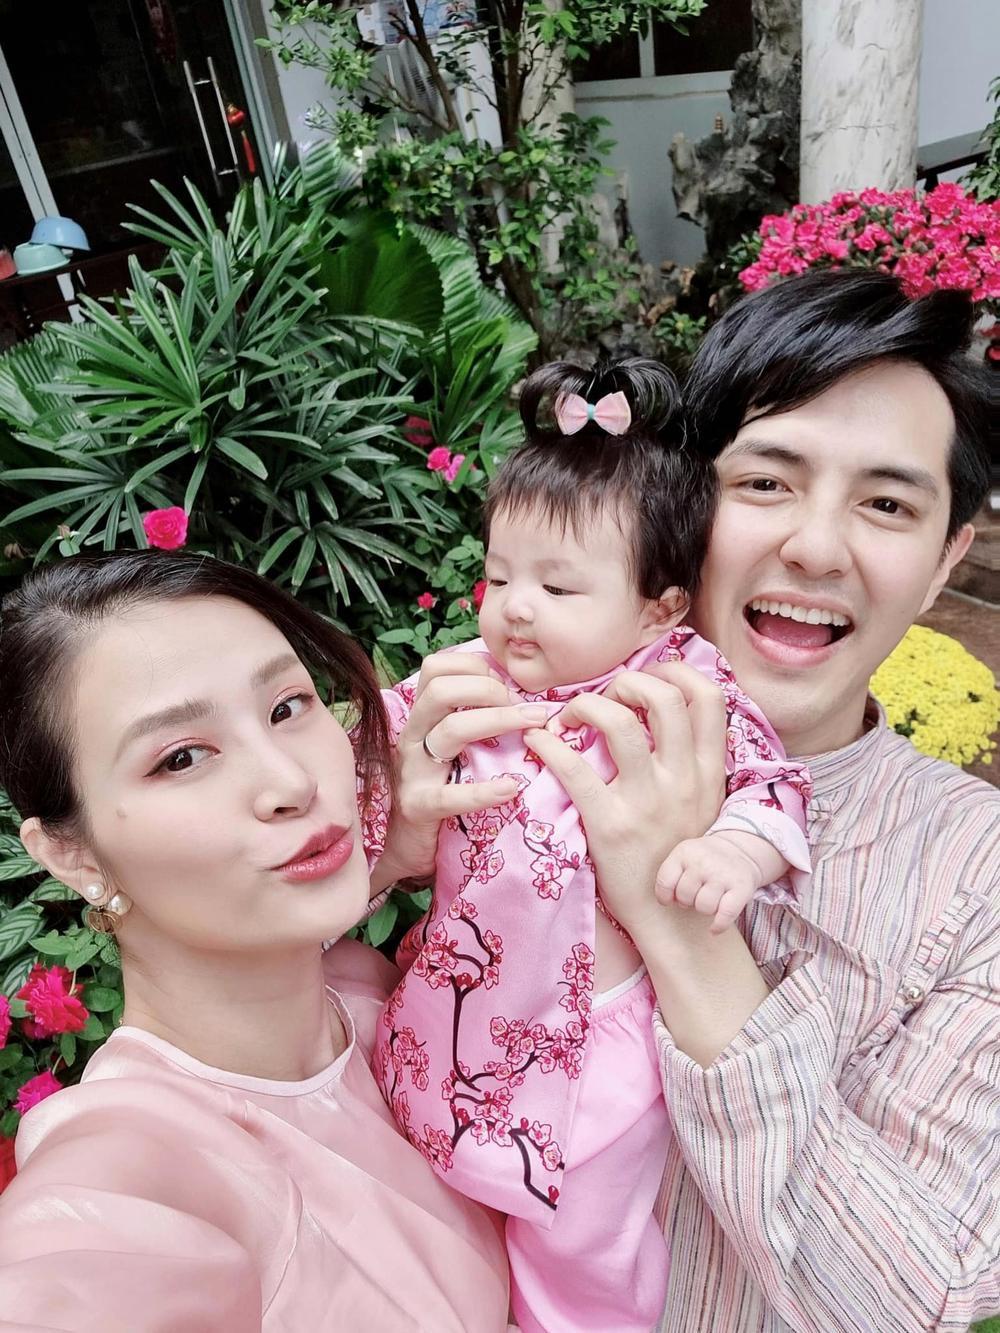 Nhóc tì nhà sao Việt diện áo dài ngày Tết: Cưng nhất hẳn là con gái Đông Nhi Ảnh 2